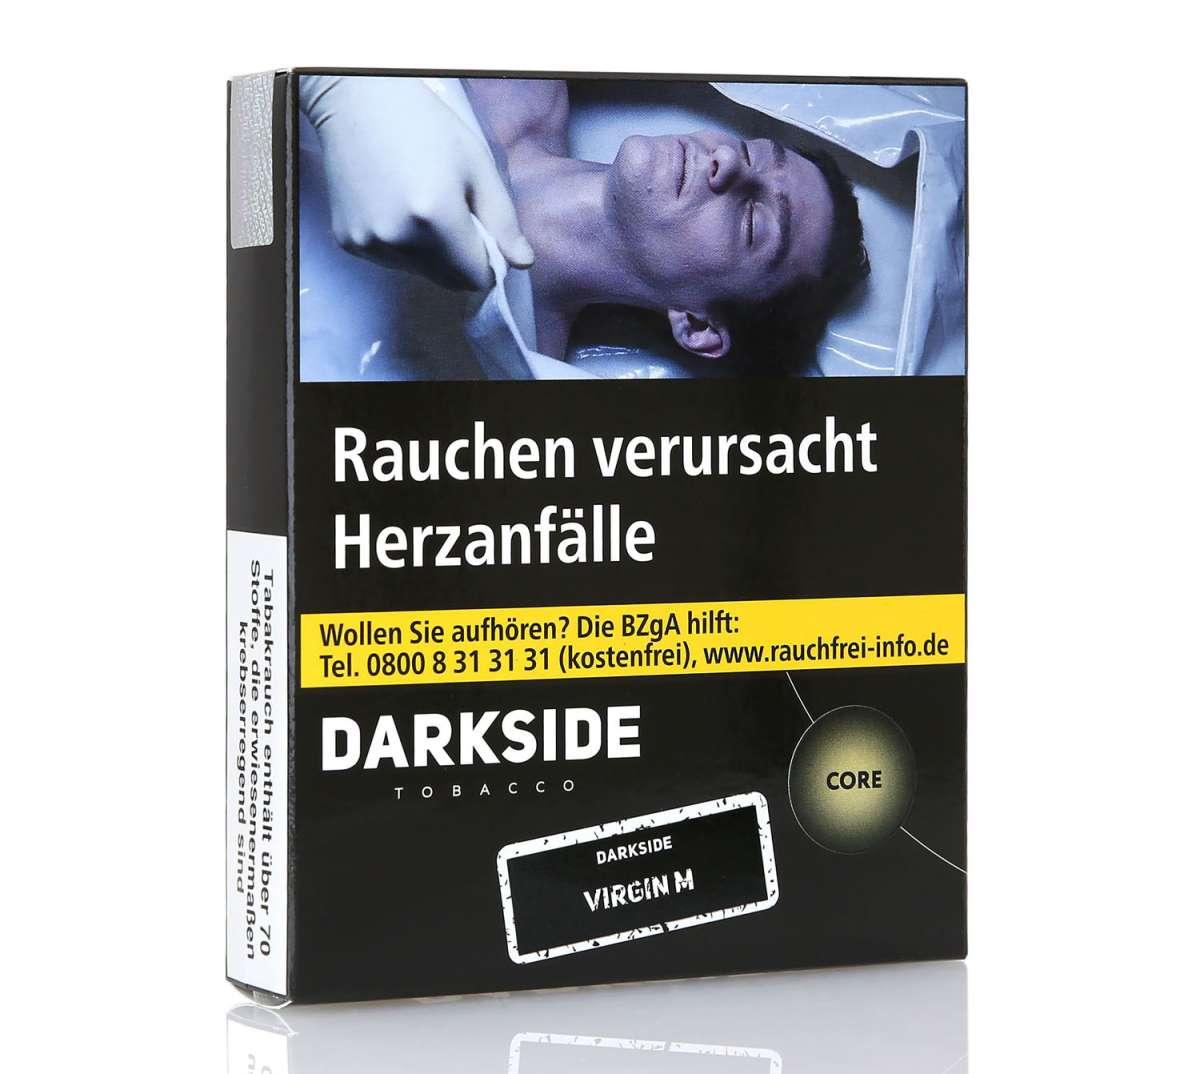 Darkside Core Virgin M Shisha Tabak 200g